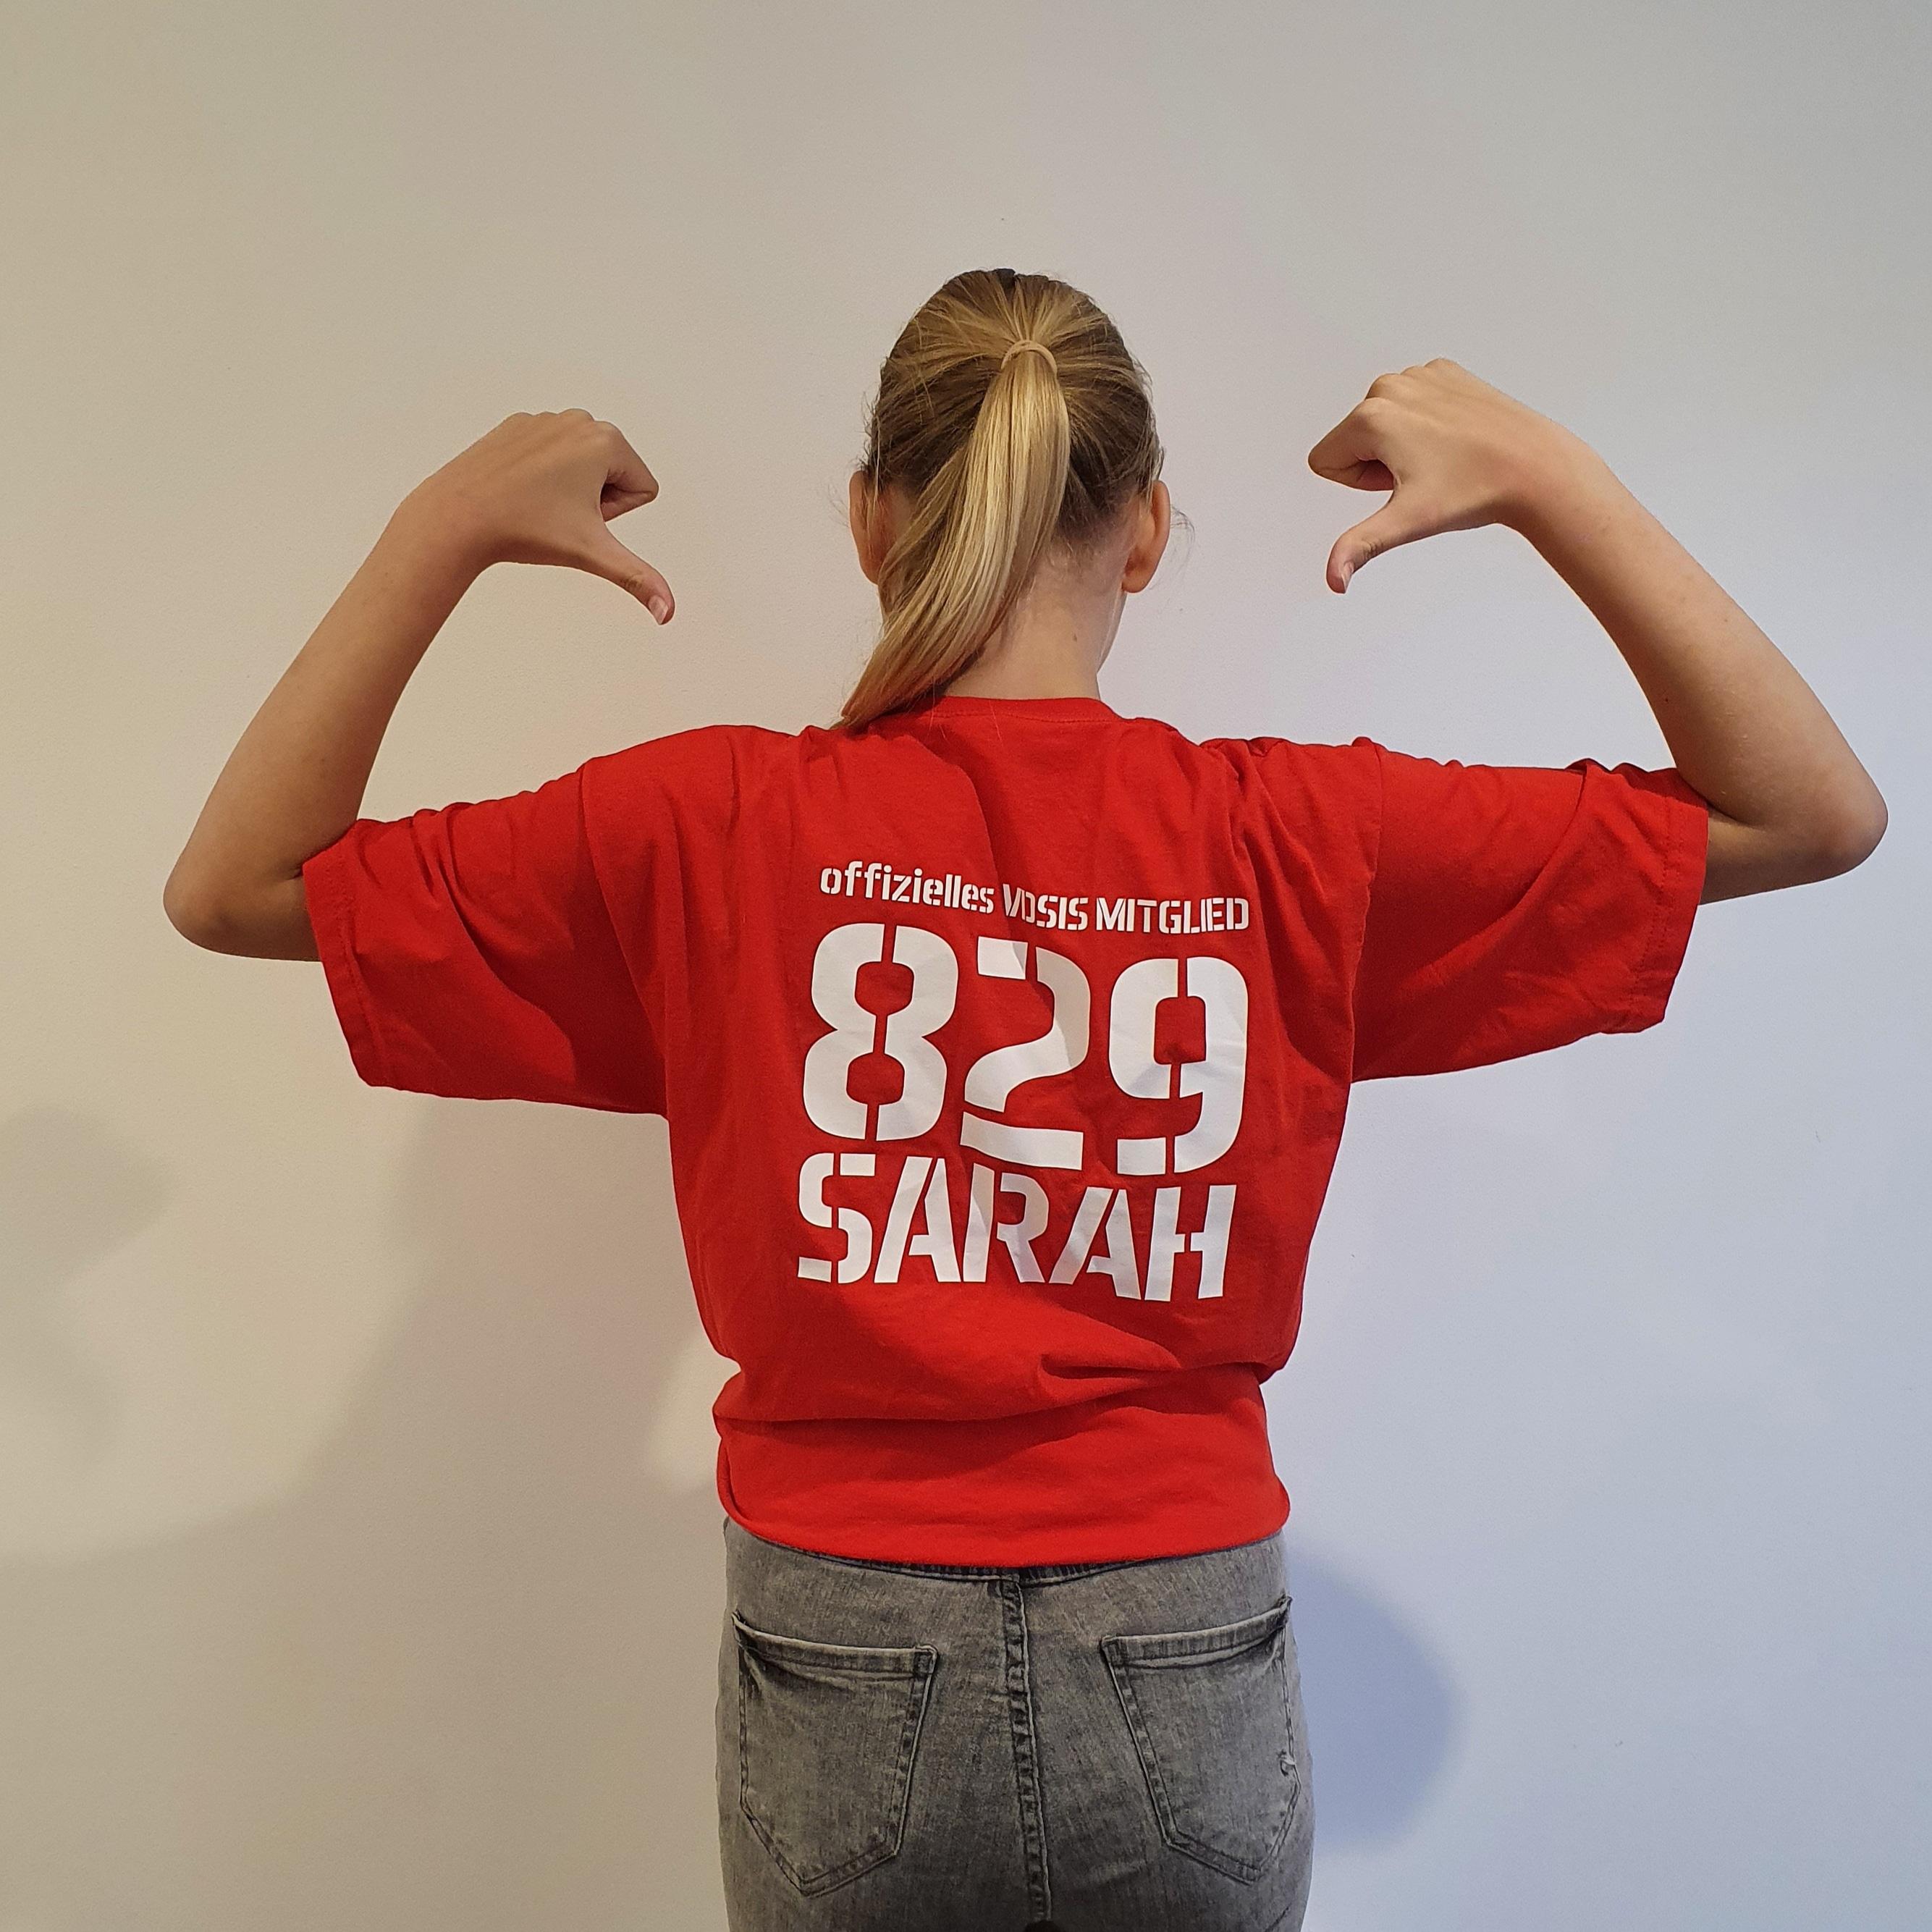 829 Sarah vdsisarmy